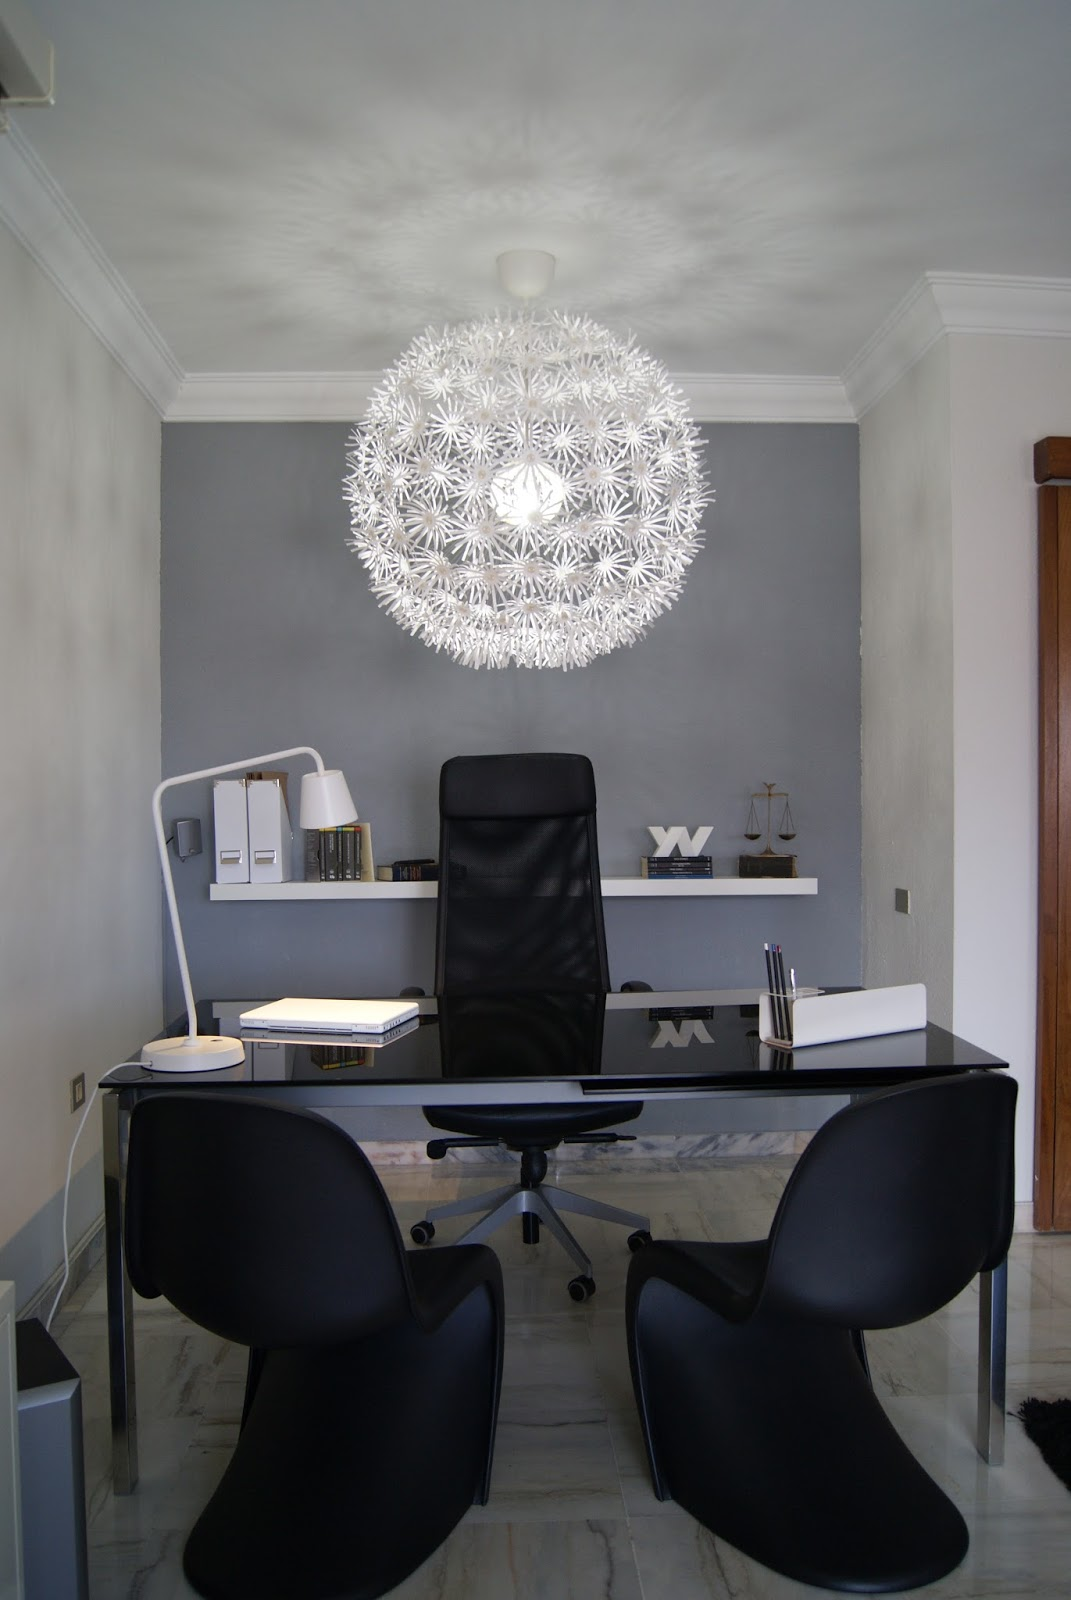 Decoraci n inexperta trabajar en casa oficina para atender al p blico en un sal n - Decorar despacho profesional ...